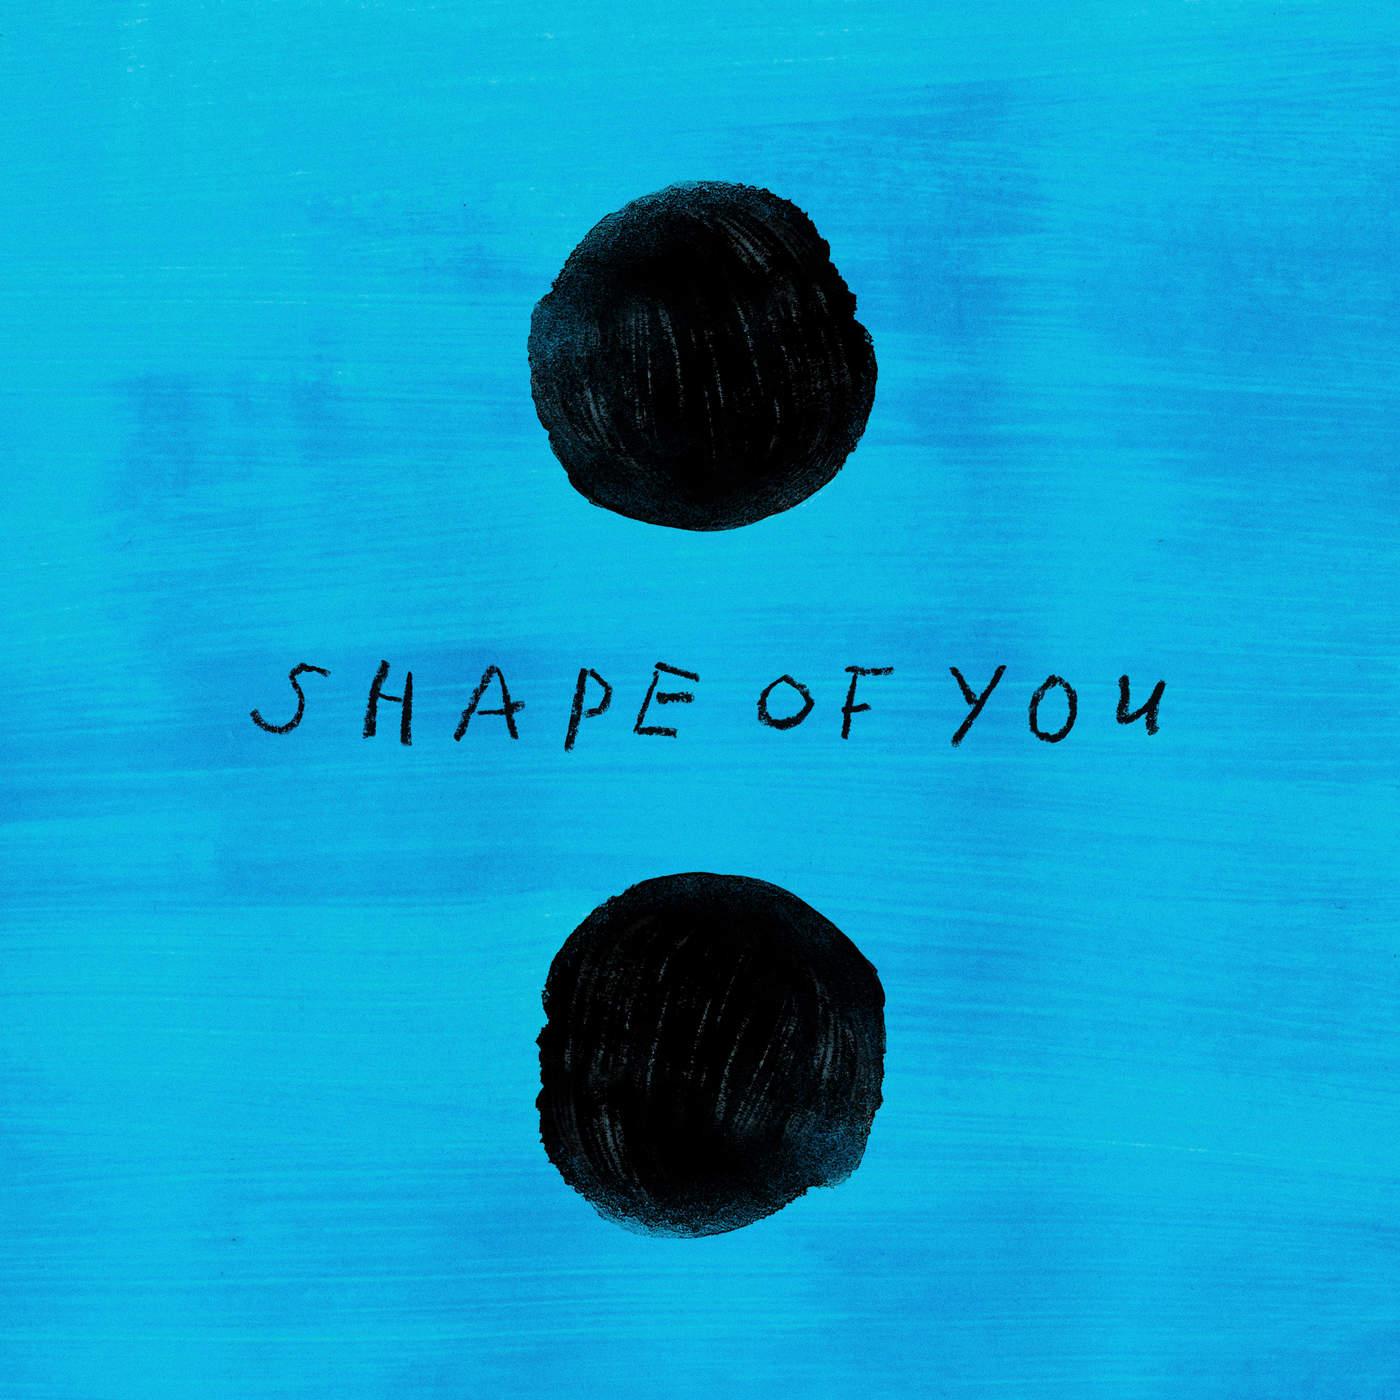 Ed Sheeran - Shape of You (Latin Remix) [feat. Zion & Lennox] - Single Cover